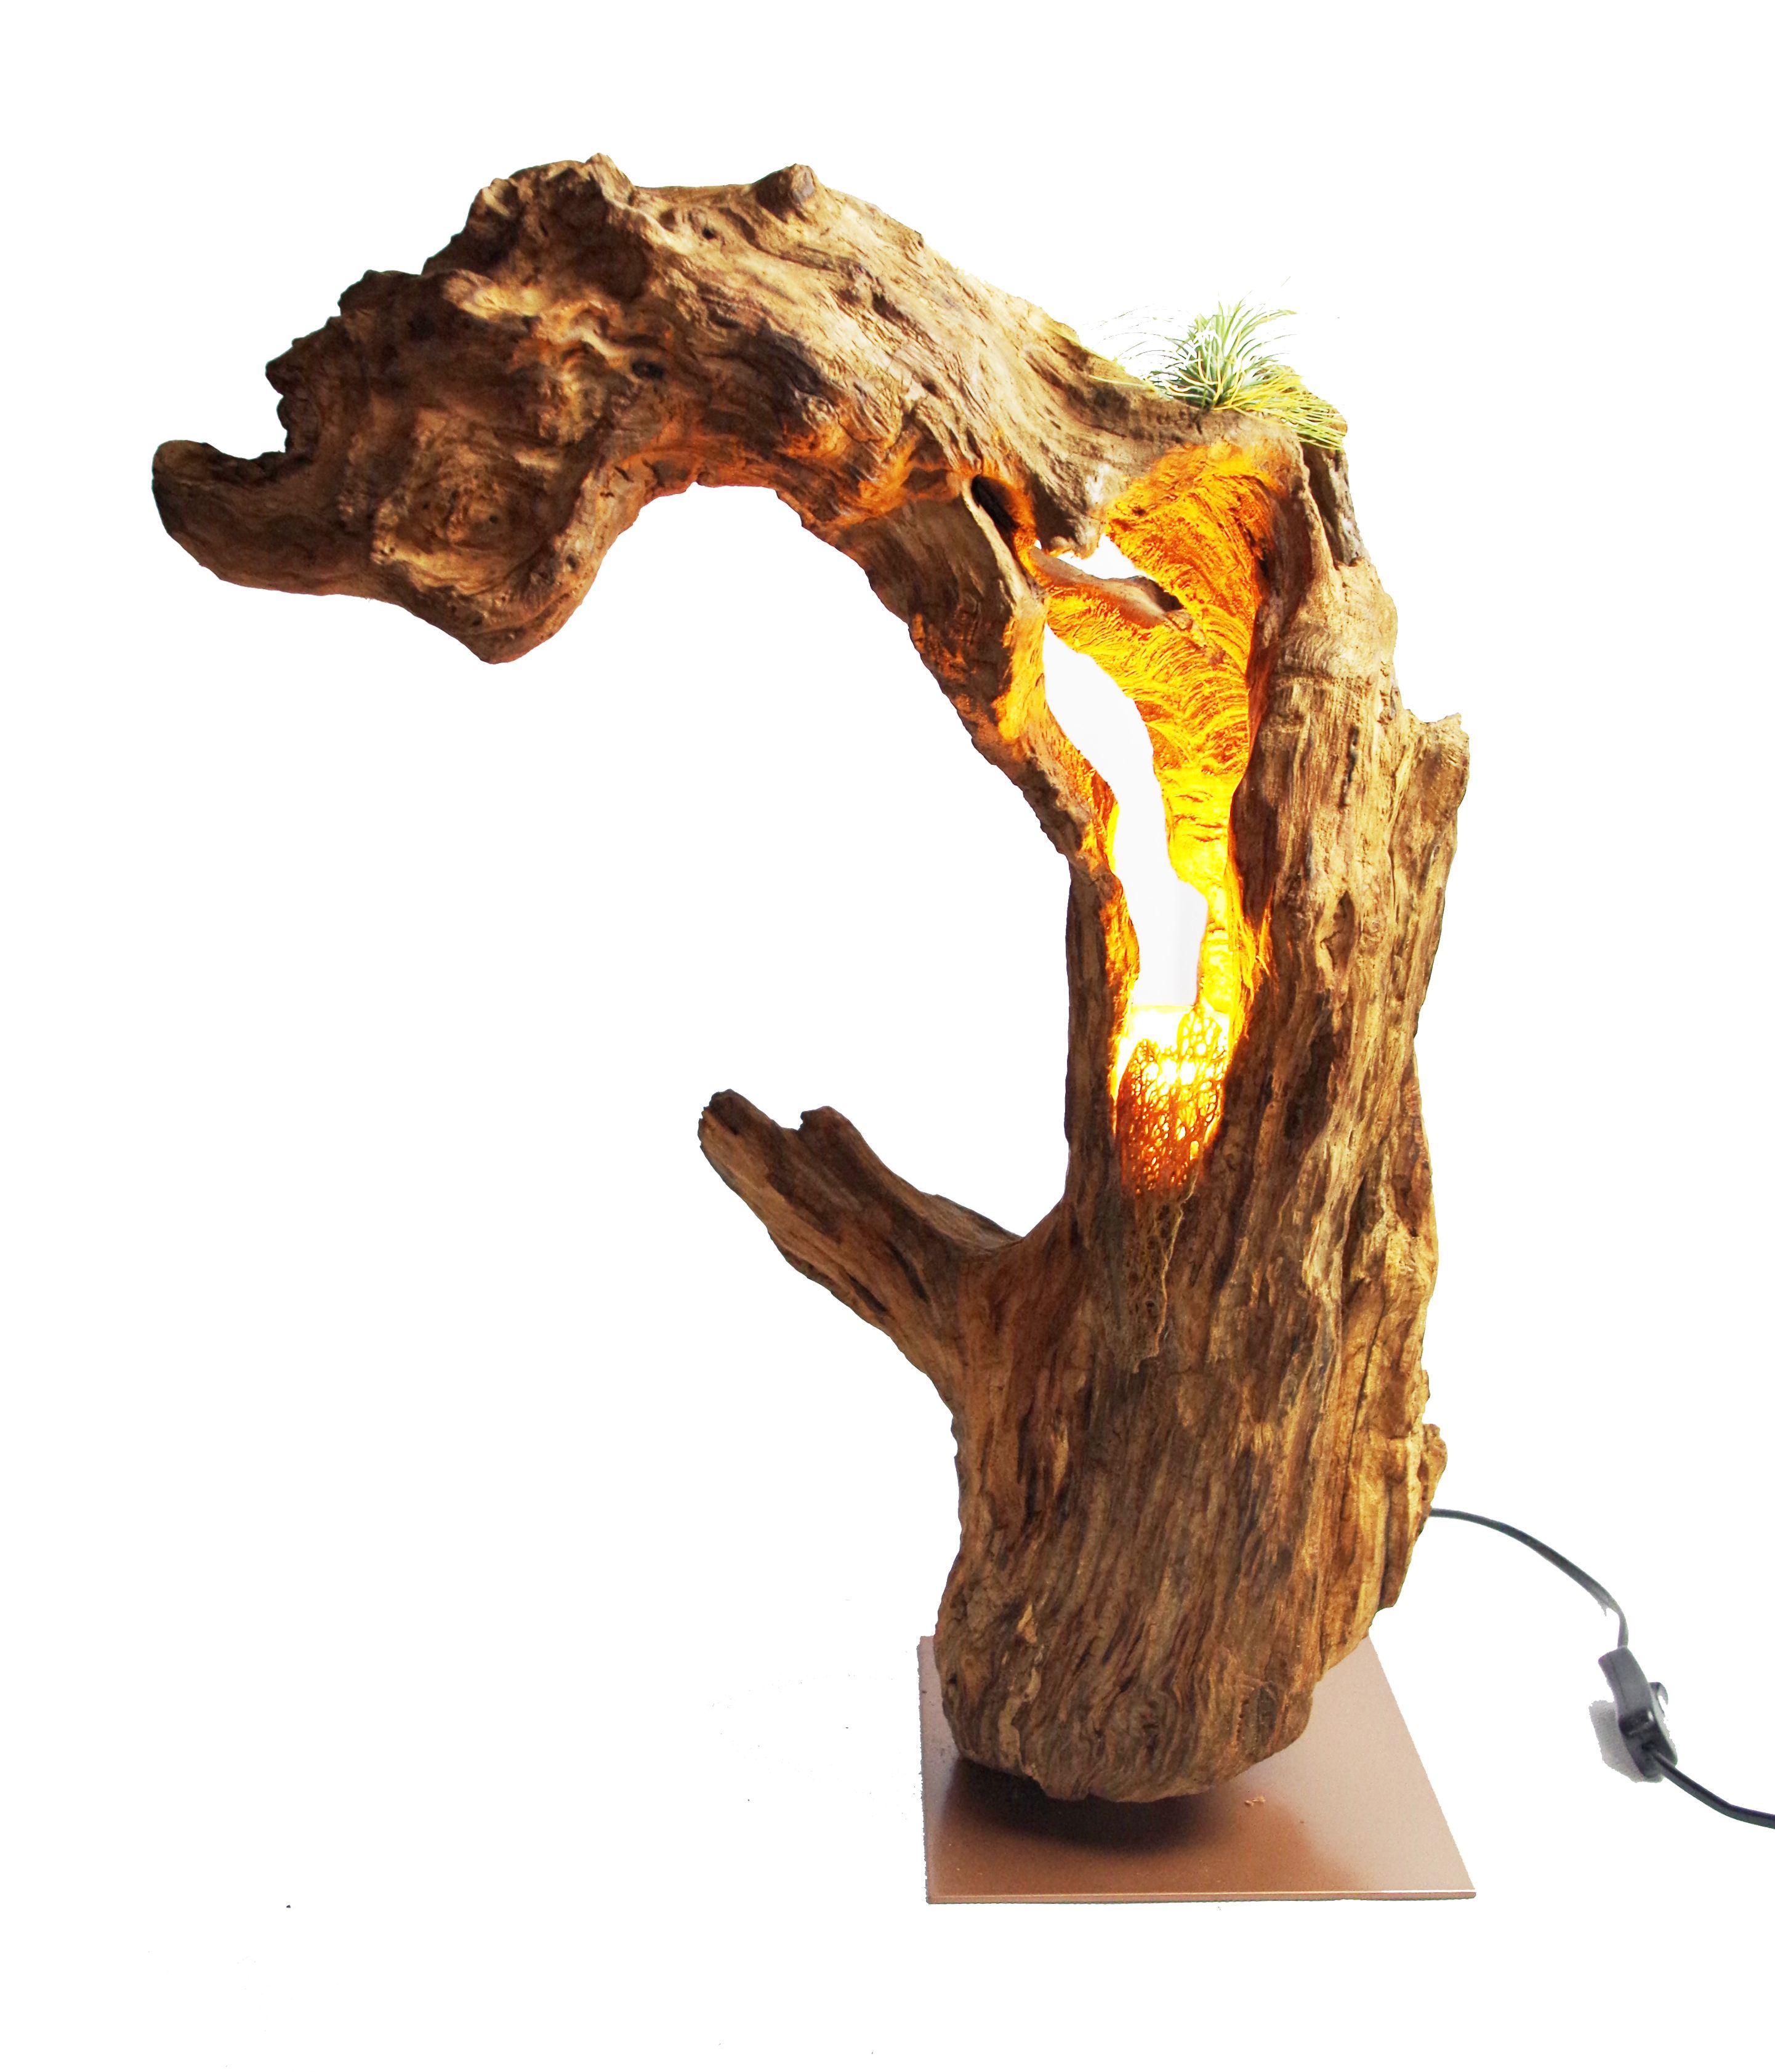 Holzlampe und Skulptur - Drachenherz.  Diese Skulptur erzeugt besonders an einer Wand stehend eine einzigartige Lichtstimmung.